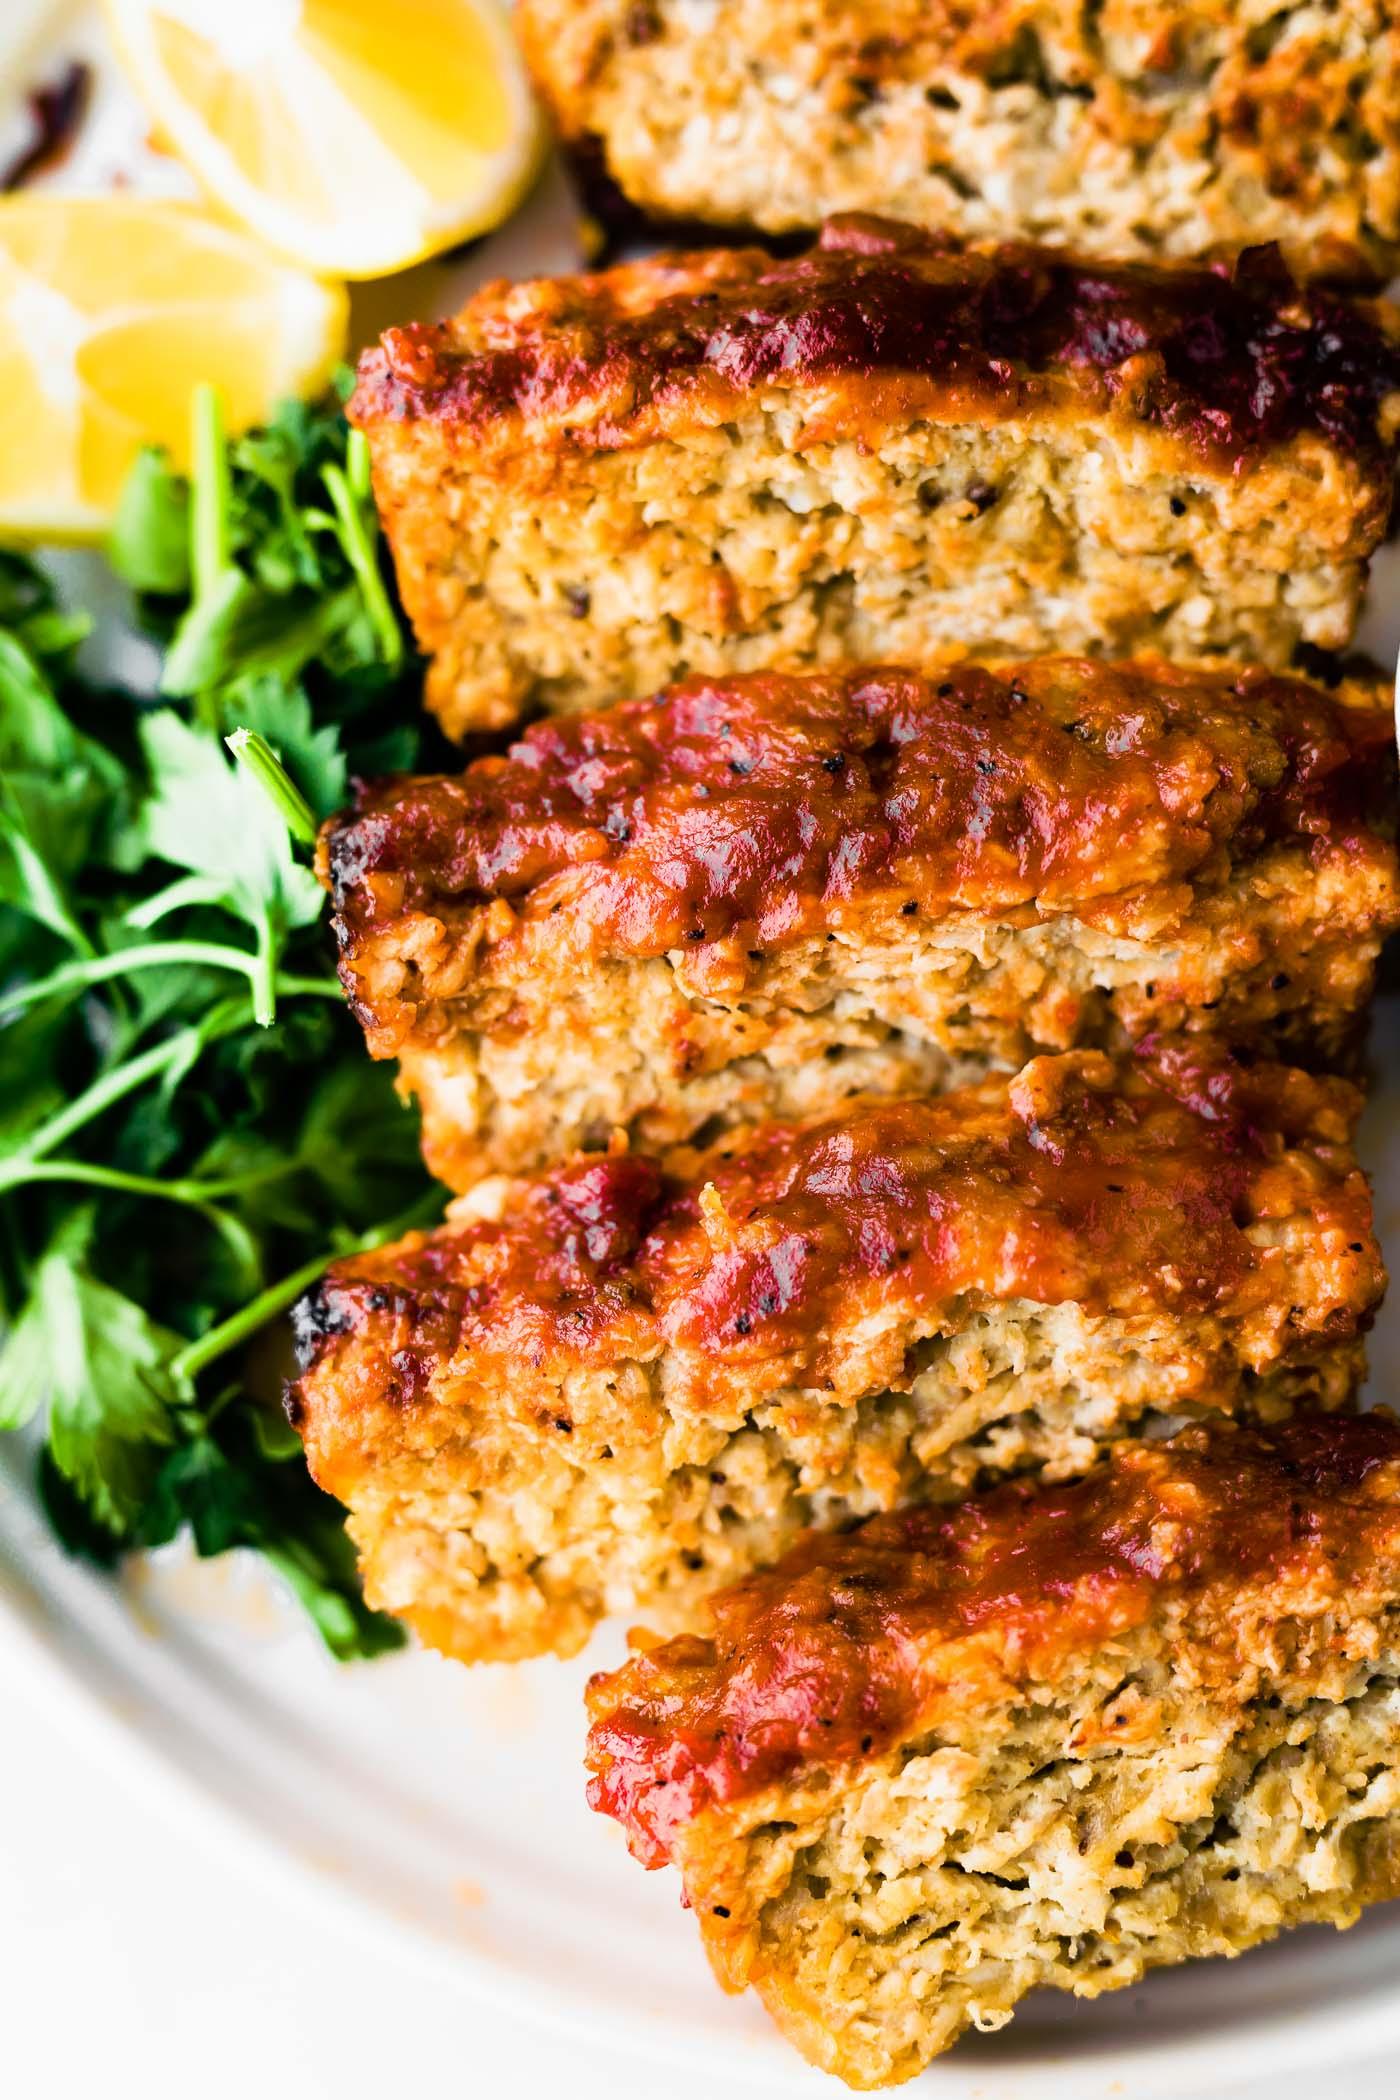 Barbecue gluten free meatloaf #glutenfree #dairyfree #healthy